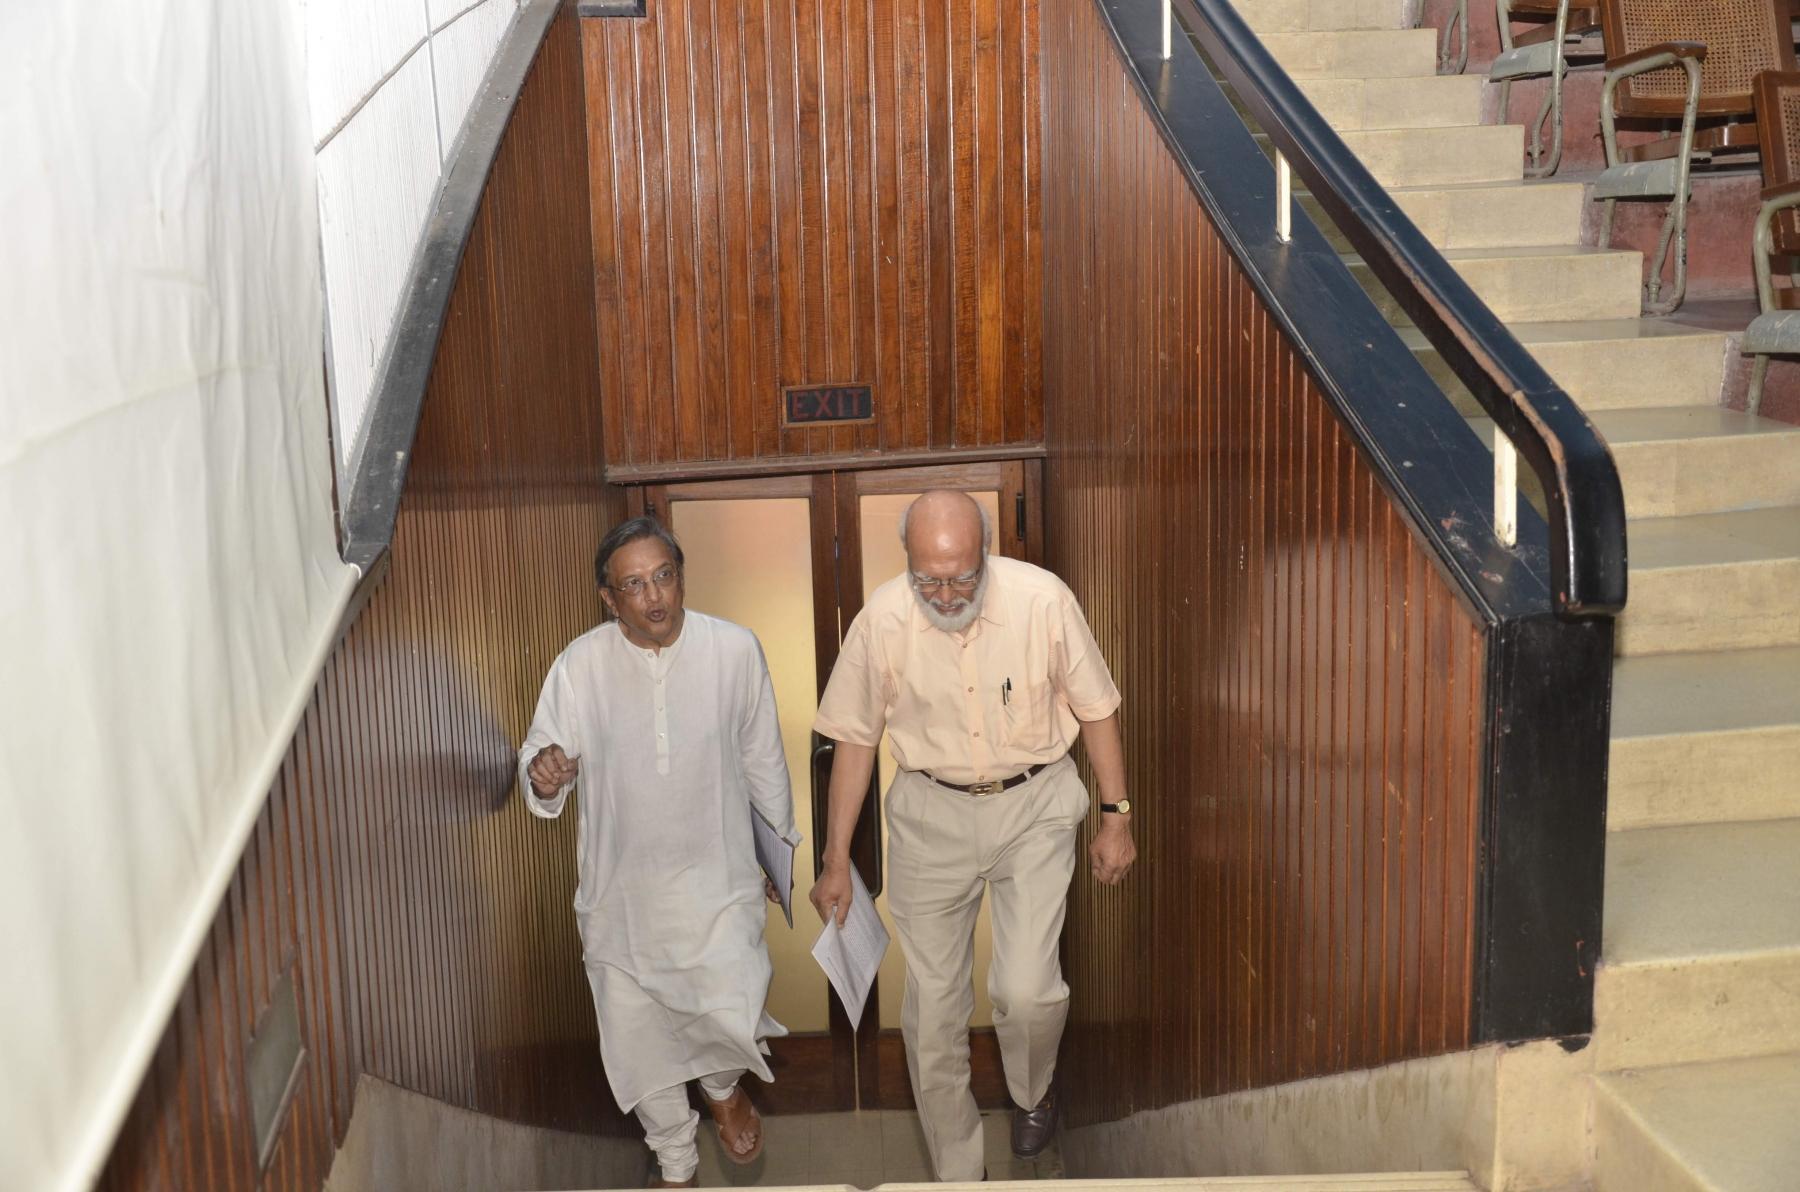 Shri Shaileshbhai and Shri Prafullbhai